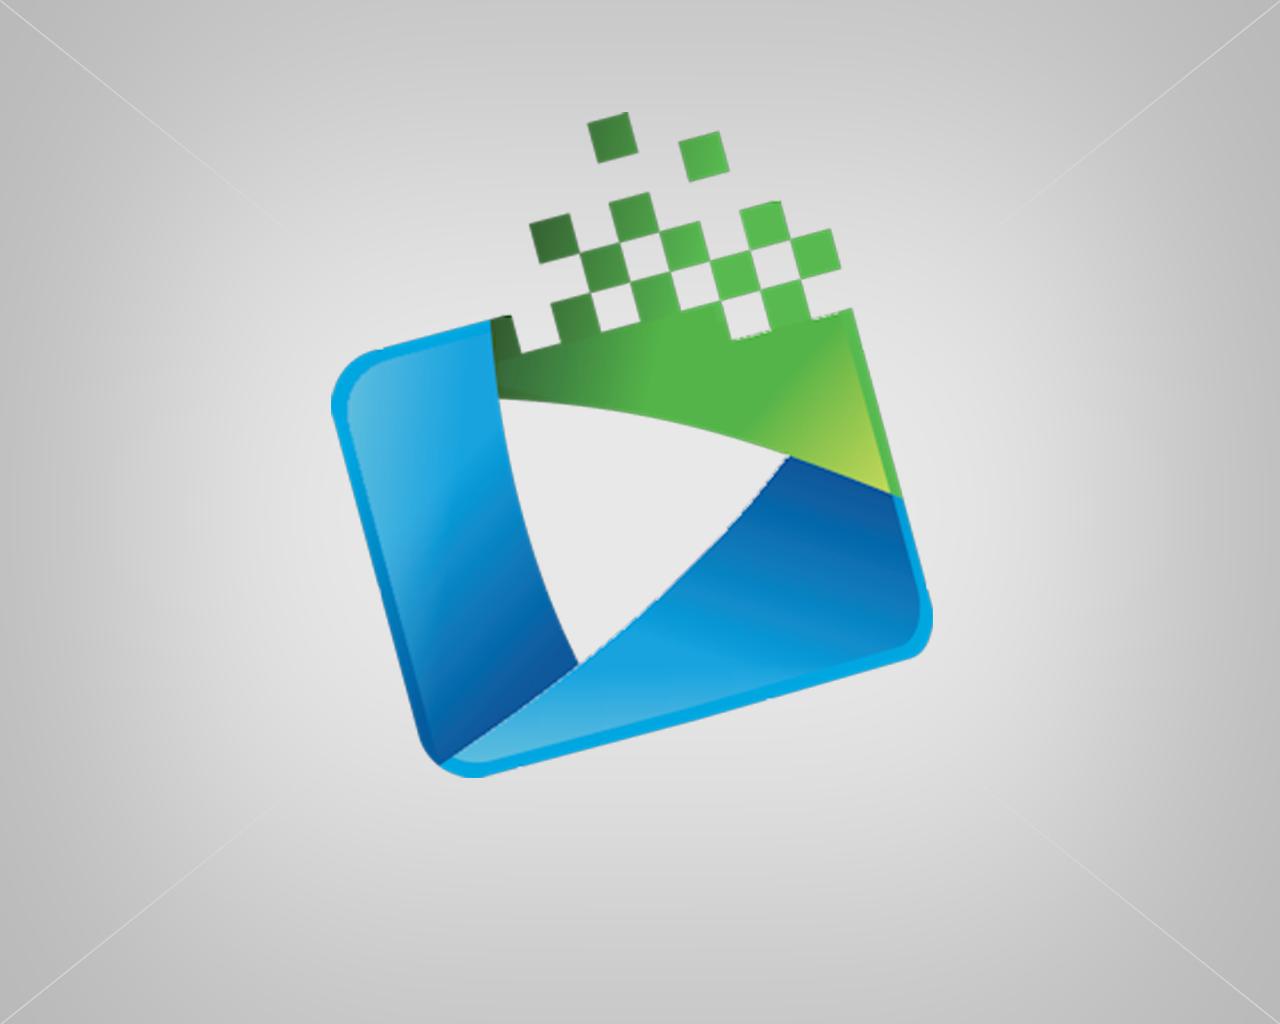 Tile Master 3D - Triple Match & 3D Pair Puzzle